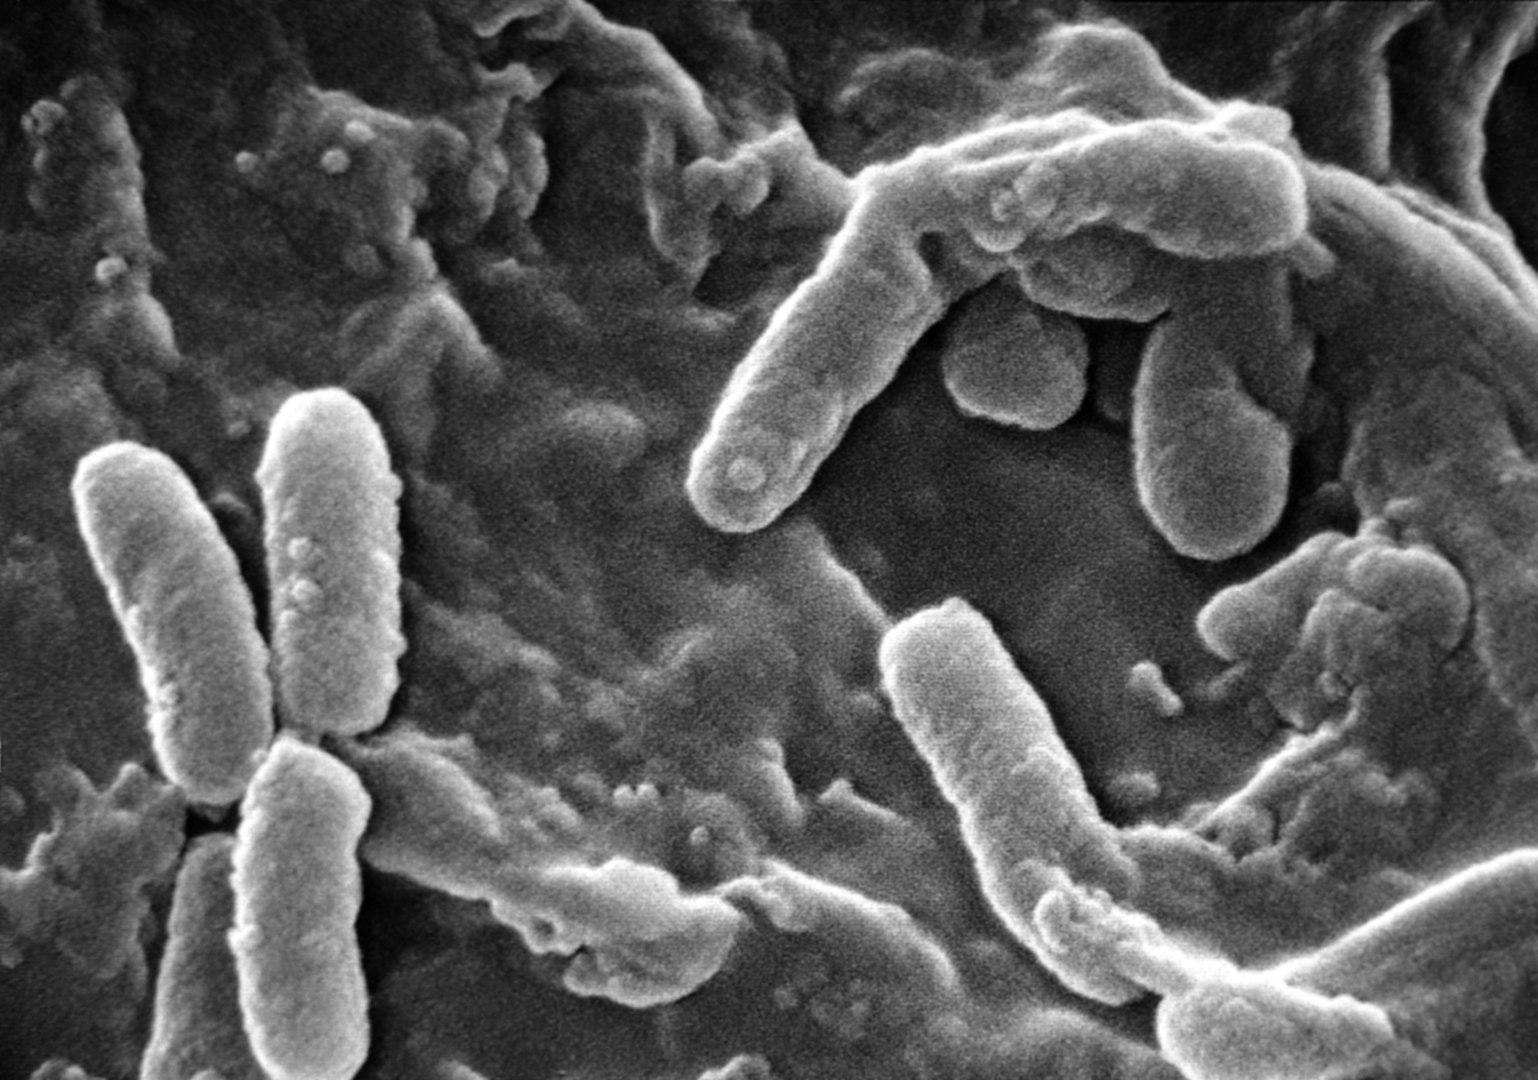 Cette bactérie peut devenir pathogène dans certaines circonstances